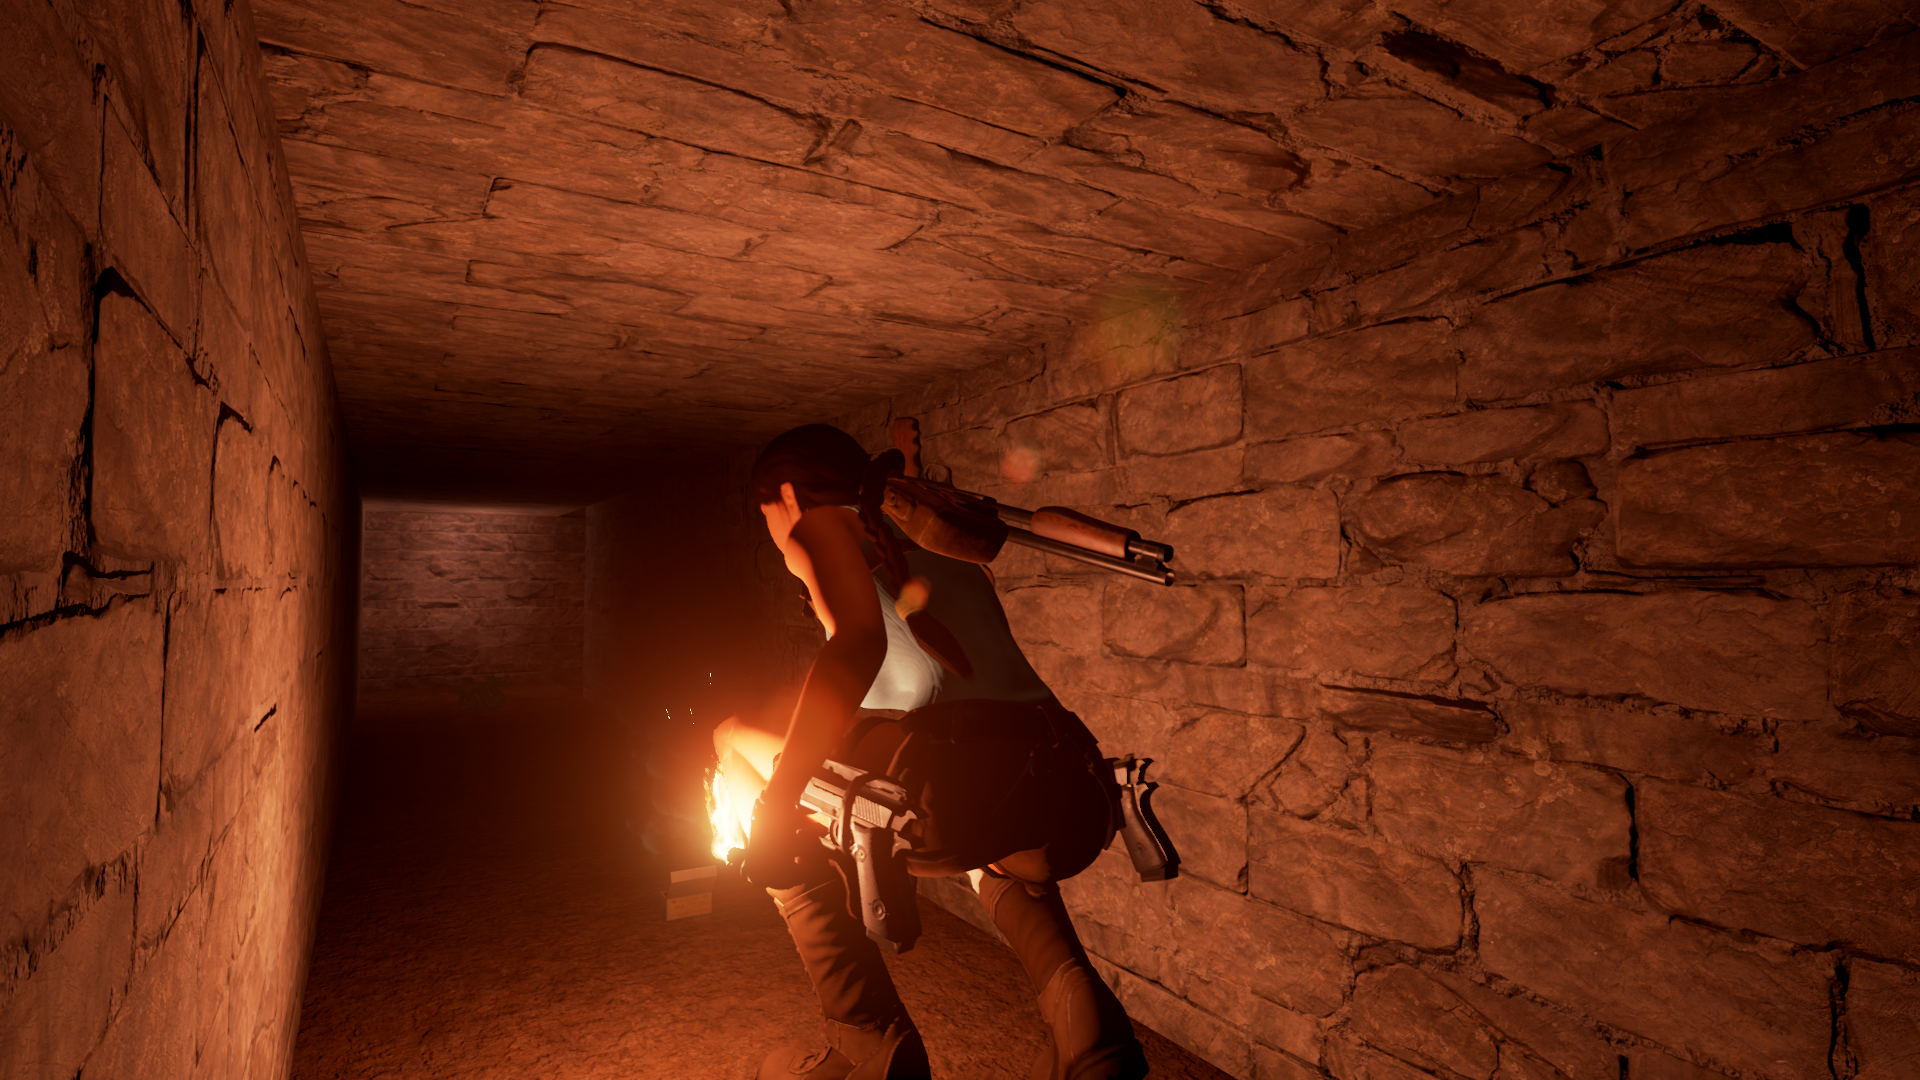 Загрузил: Tomb Raider. Длительность: 2 мин и 20 сек. Размер: 3.07 MB.Здесь Вы можете прослушать, посмотреть клип и скачать бесплатно Deleted  Tomb Raider Fmv 1996 которую загрузил Tomb Raider размером ~3.07 MB и длительностью  2 мин и 20 сек в формате mp3.